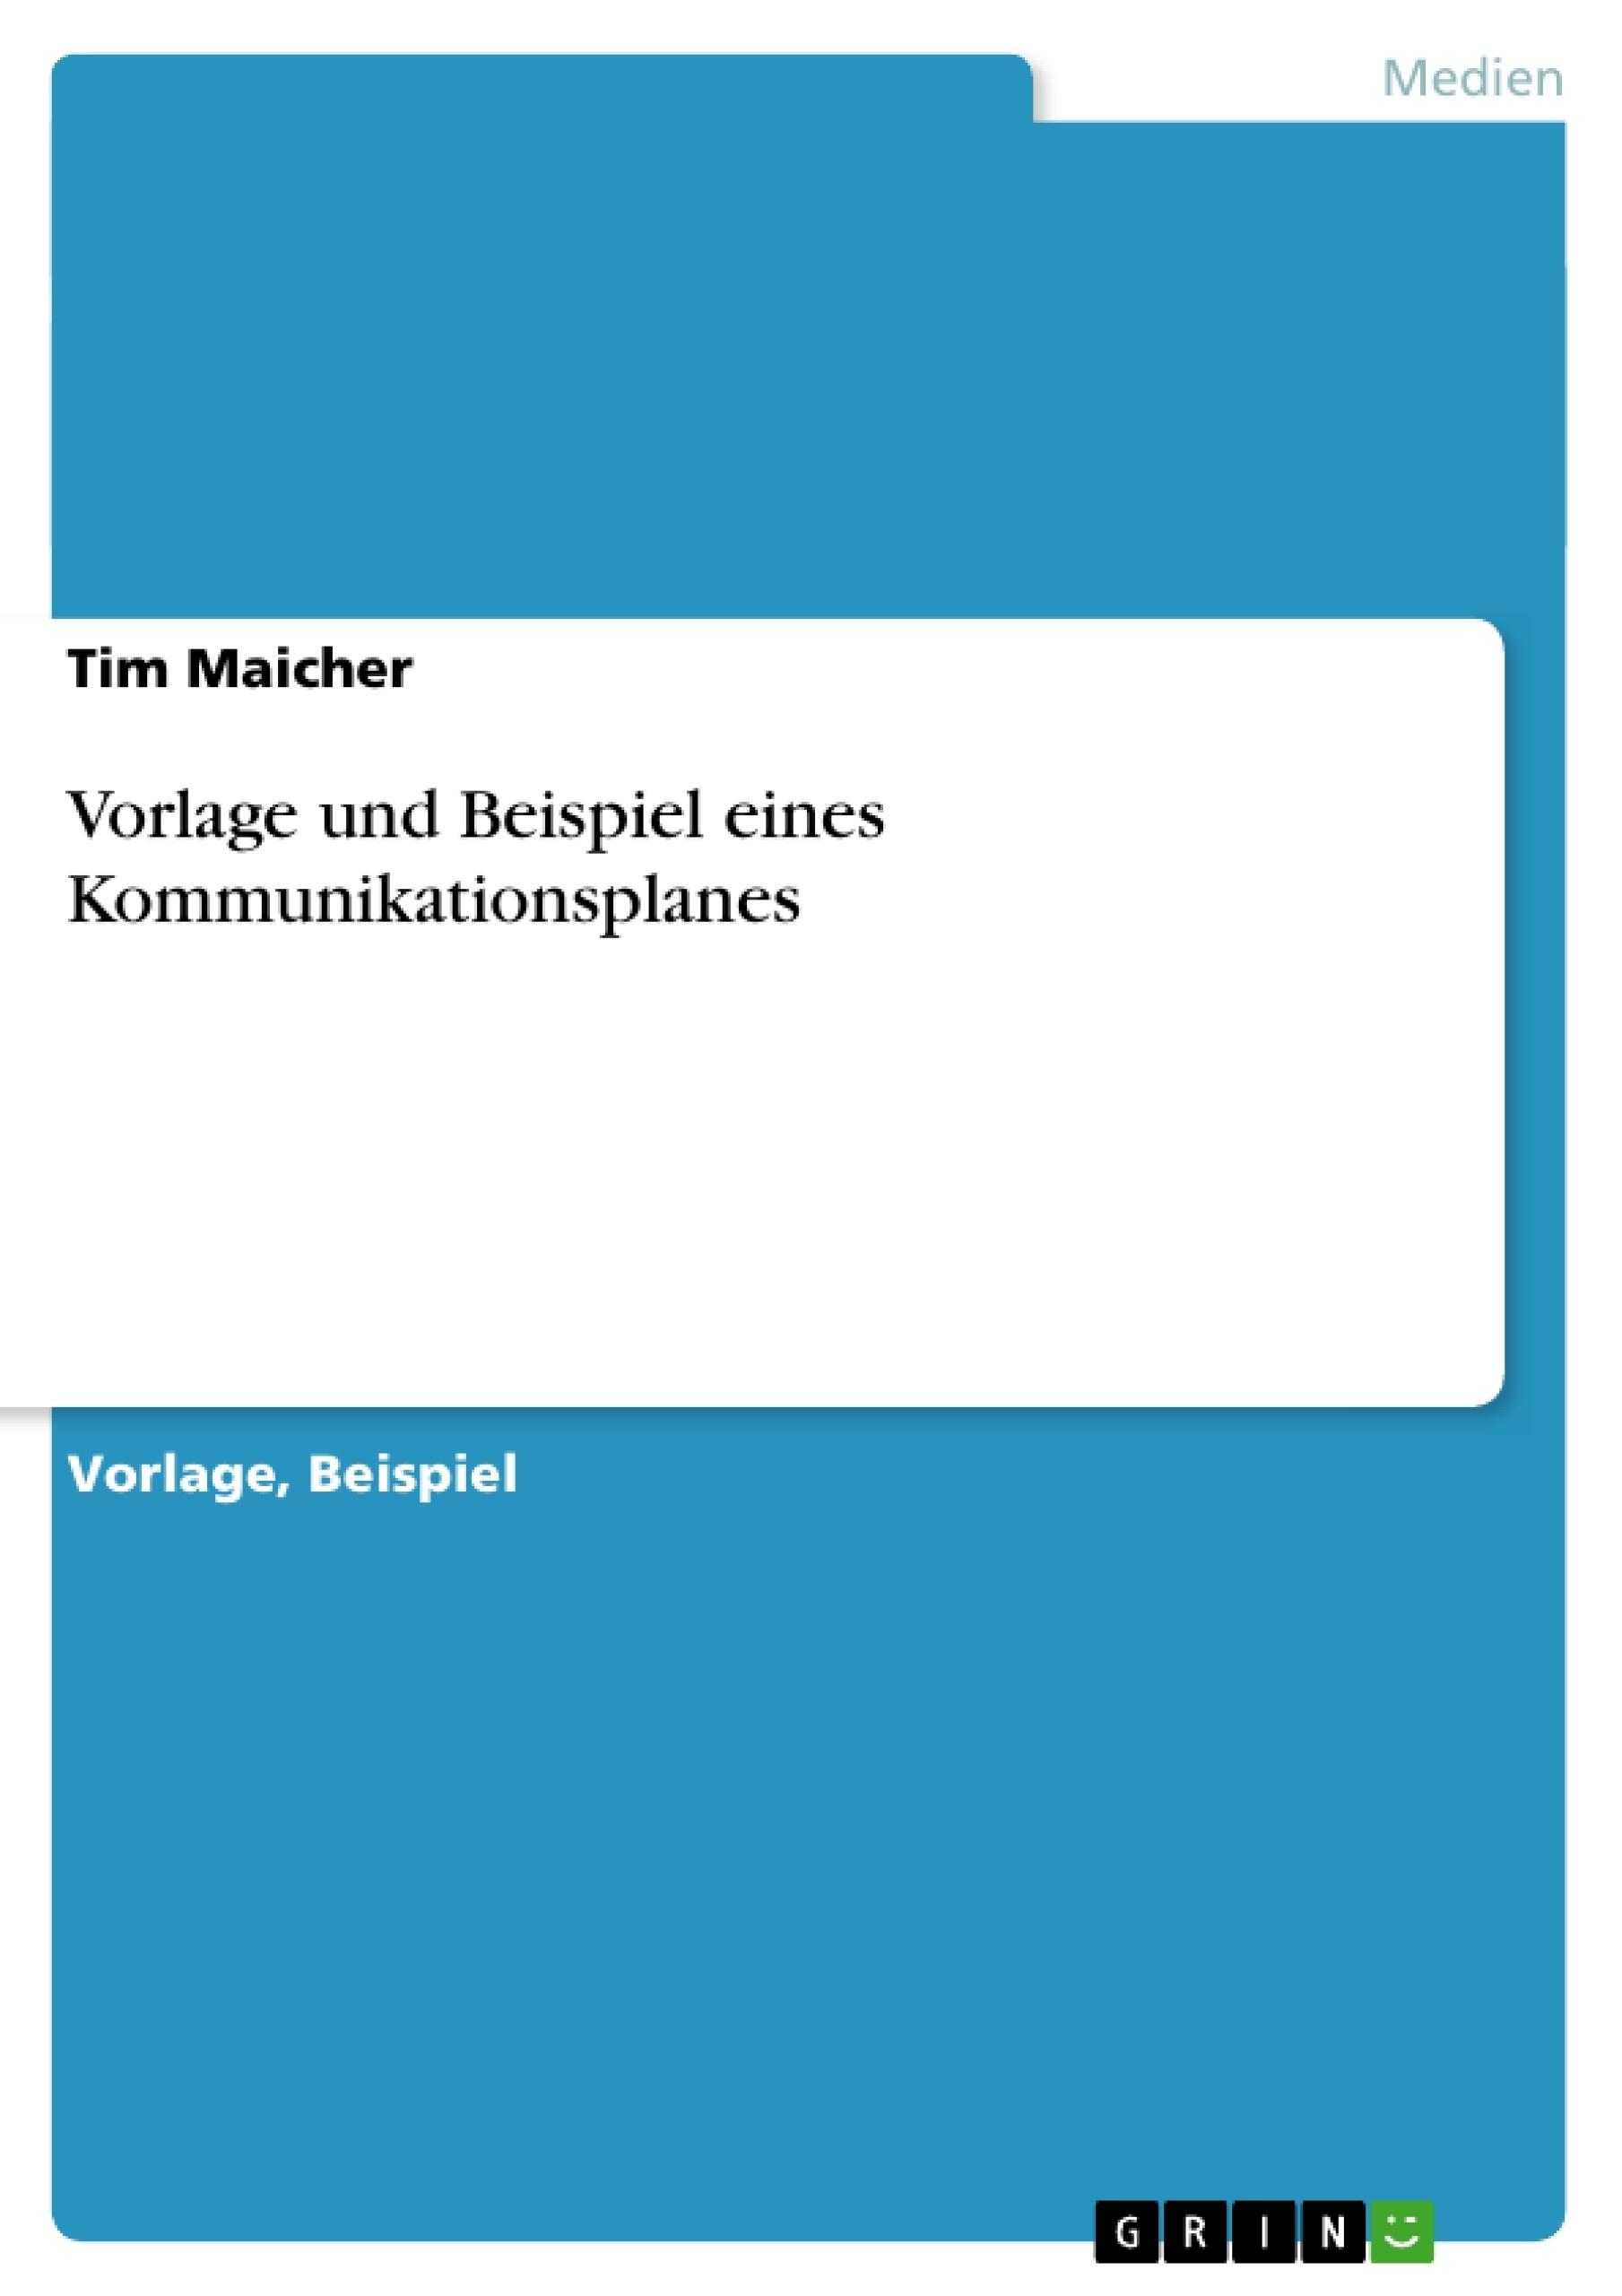 Vorlage und Beispiel eines Kommunikationsplanes | Masterarbeit ...